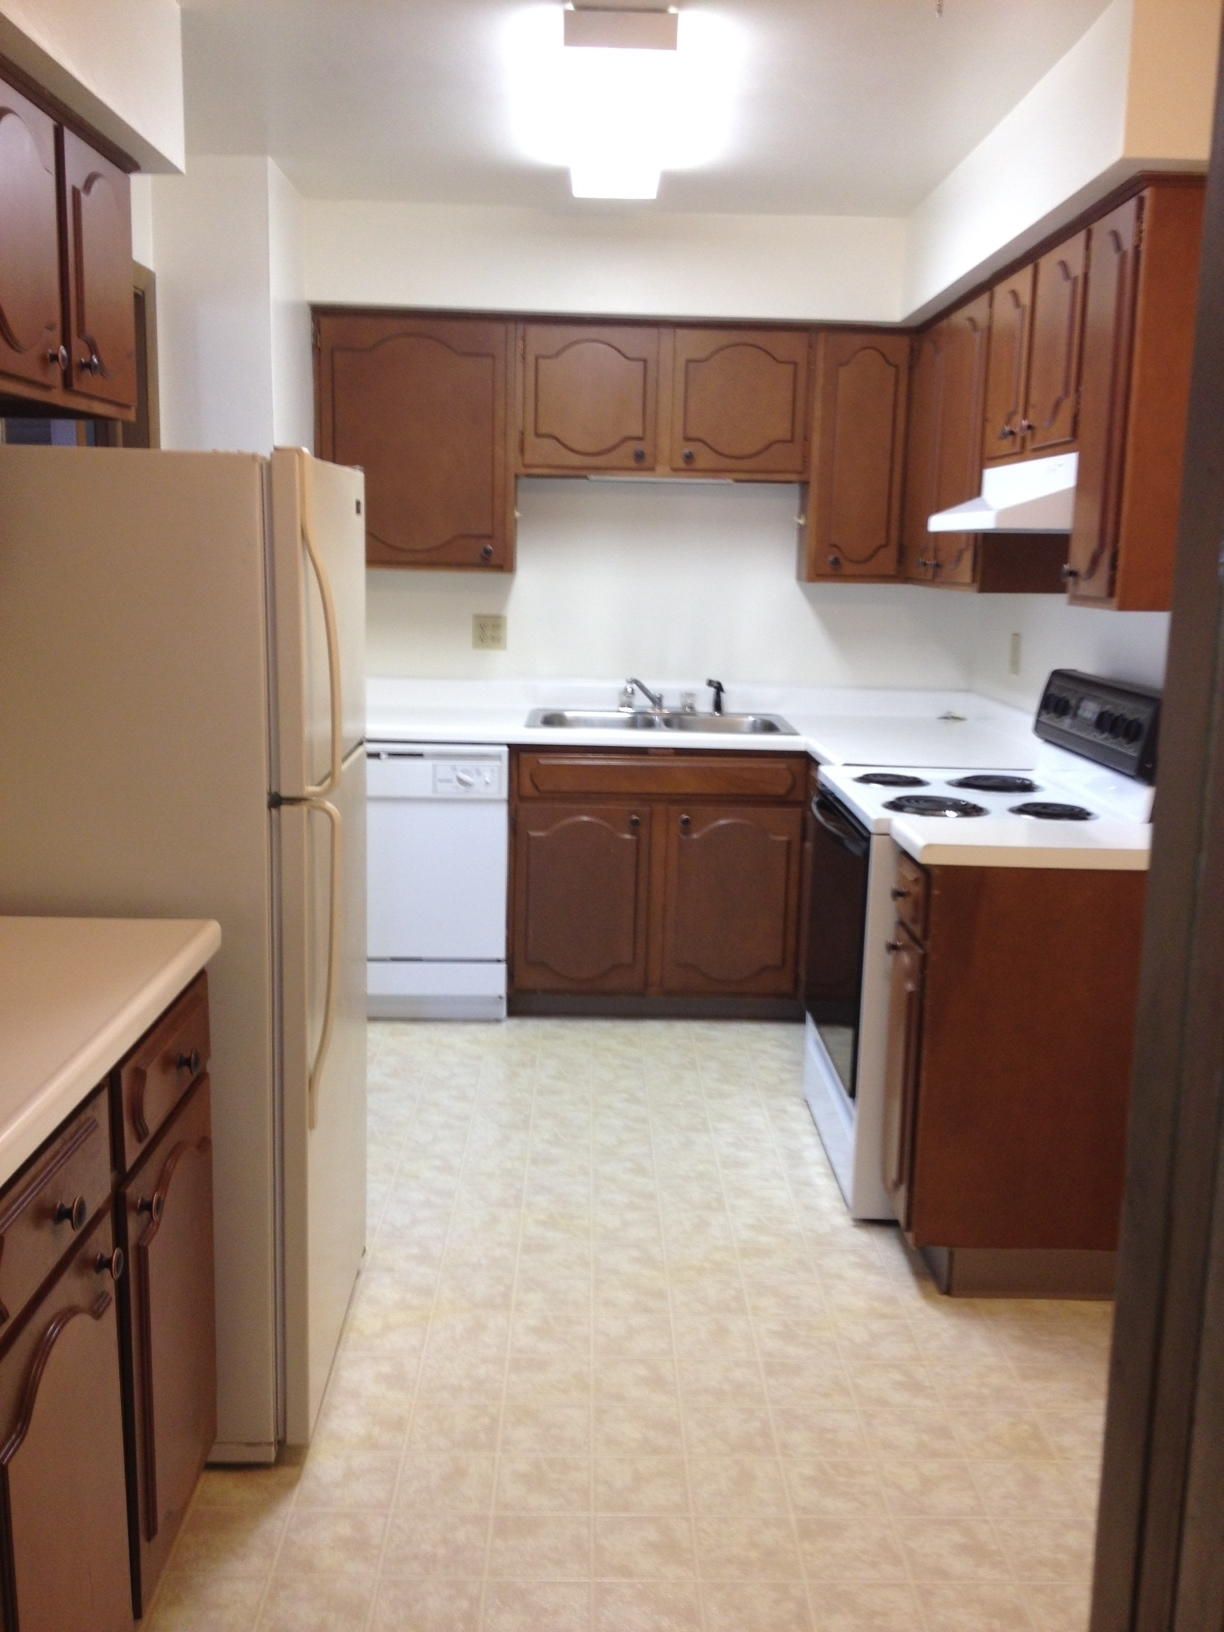 3939 805 kitchen.JPG